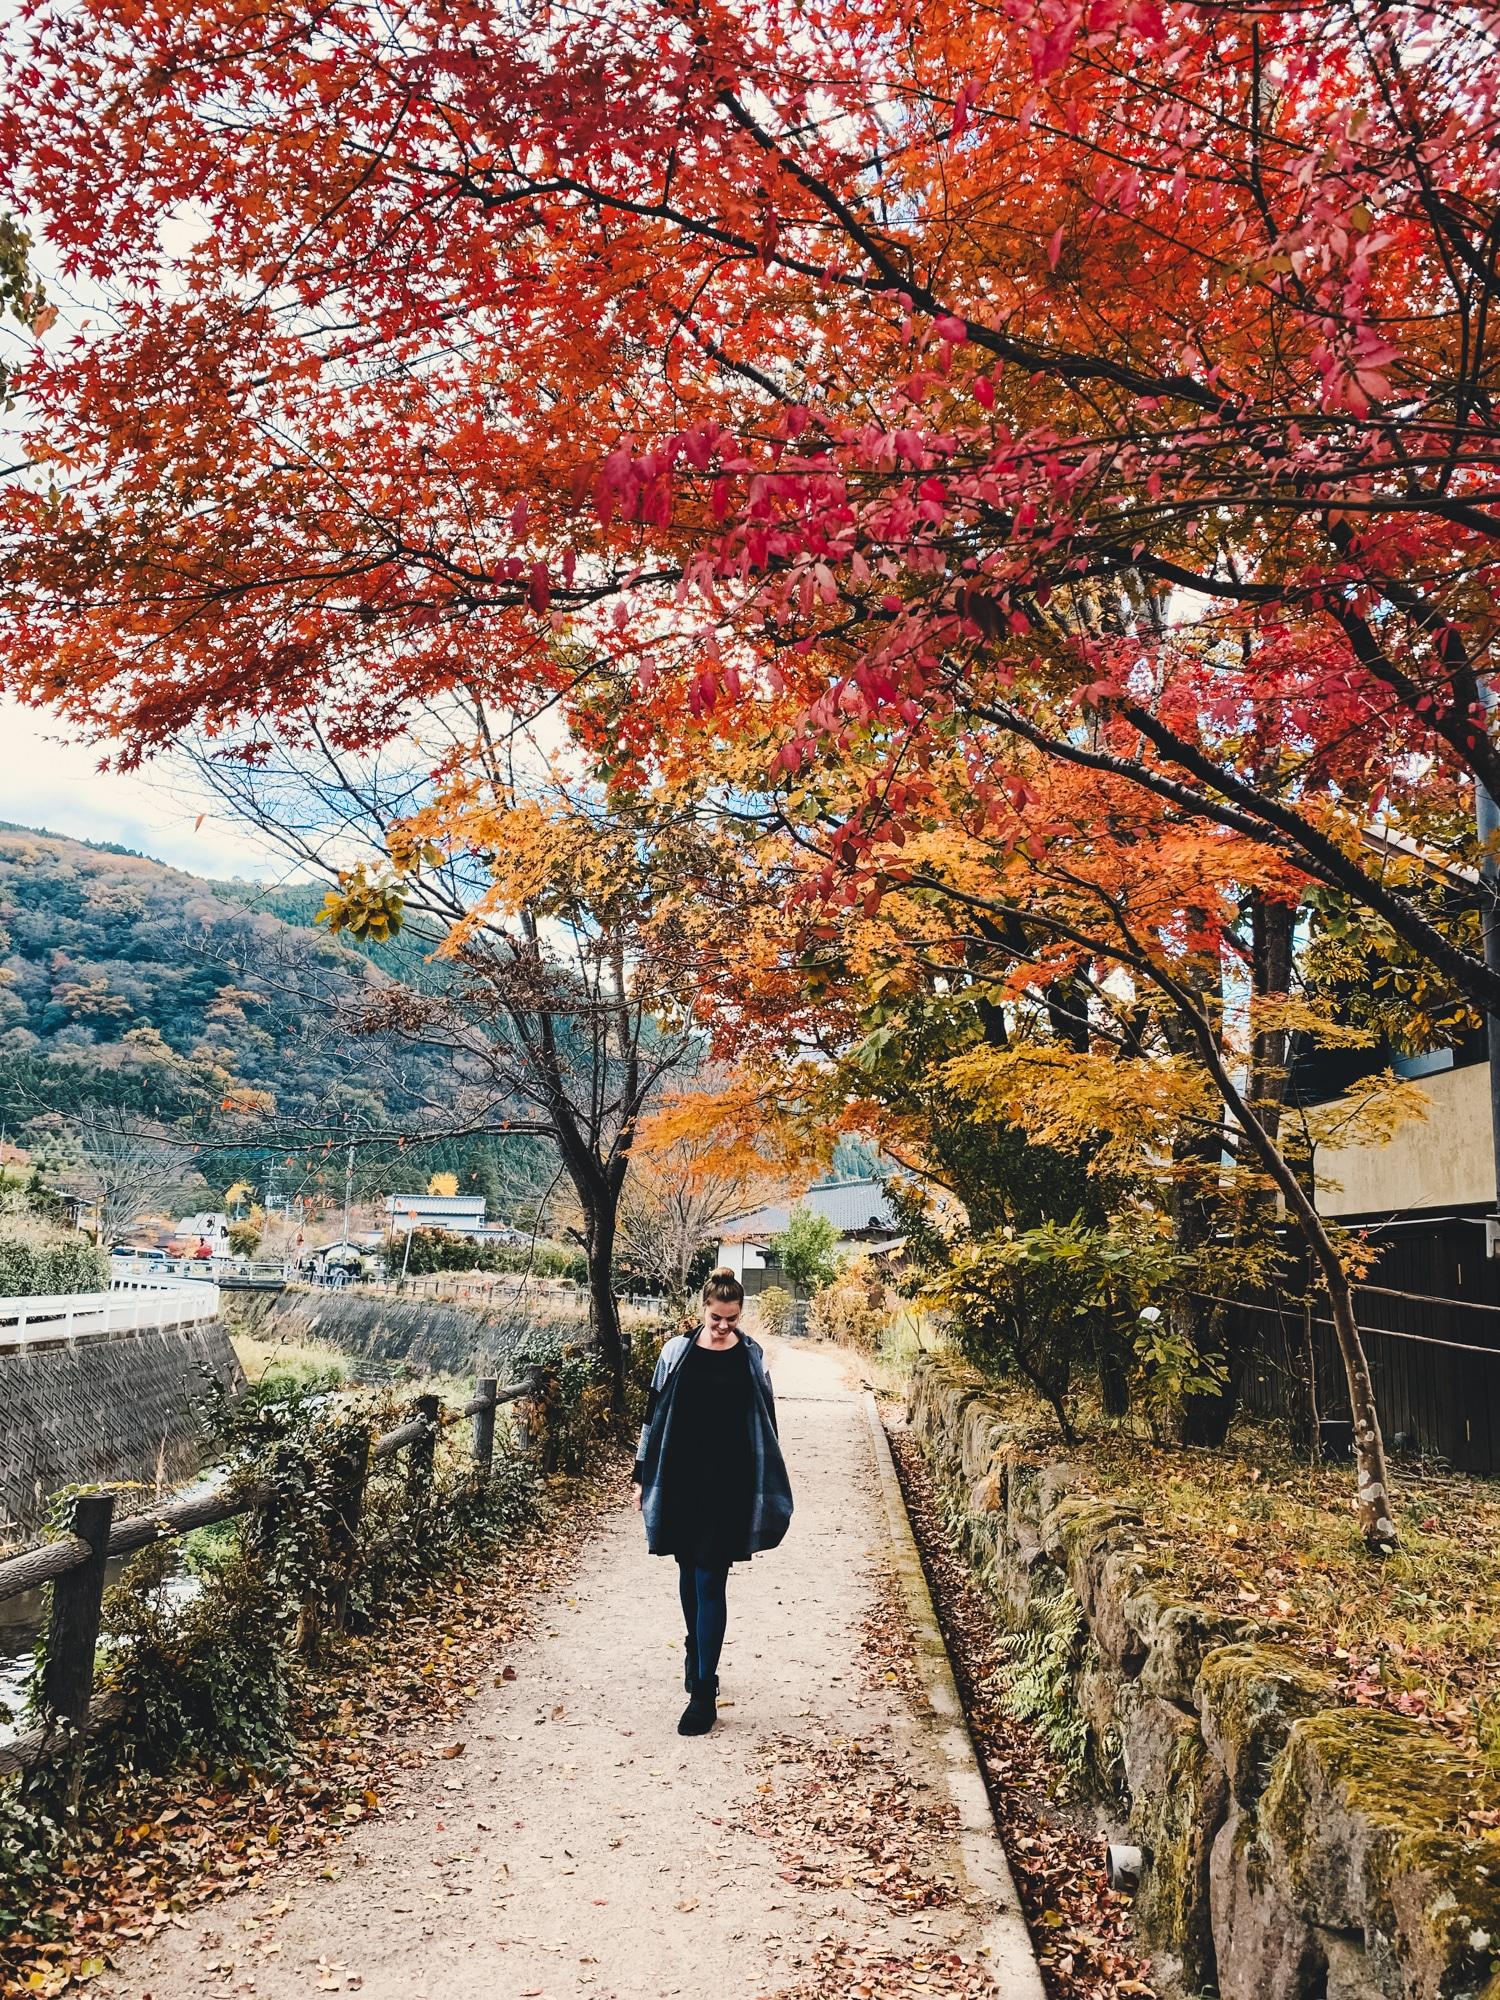 Kyushu Rundreise: Reisetipps, Onsen und Highlights in Japans Süden - Kurokawa Onsen Hopping - Yufuin Onsen